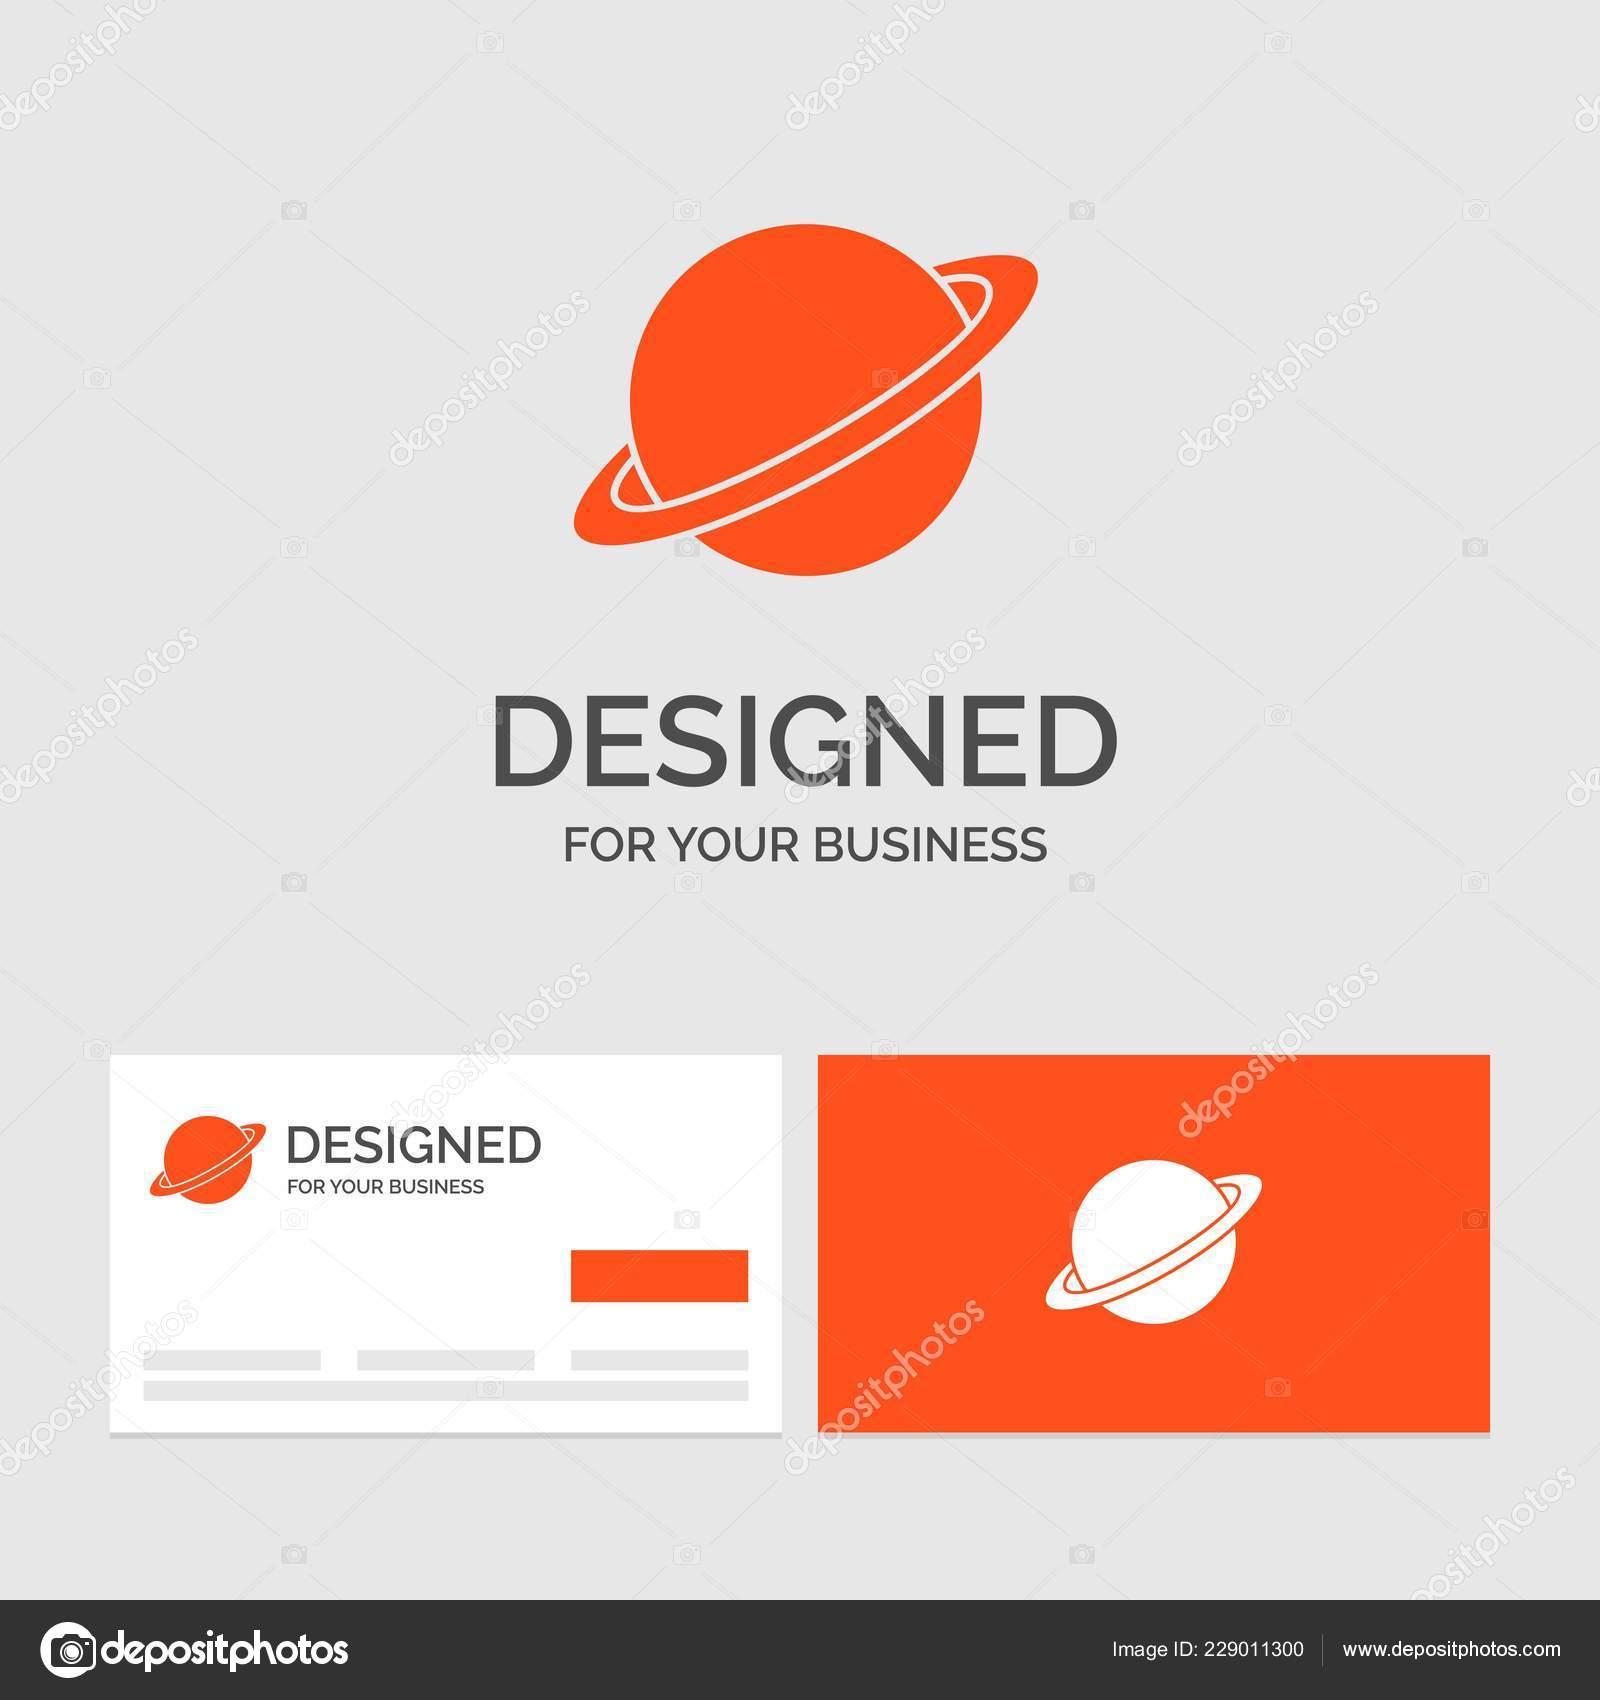 Modele De Logo Metier Pour La Planete Espace Lune Drapeau Mars Cartes Visite Orange Avec Marque Illustration Stock